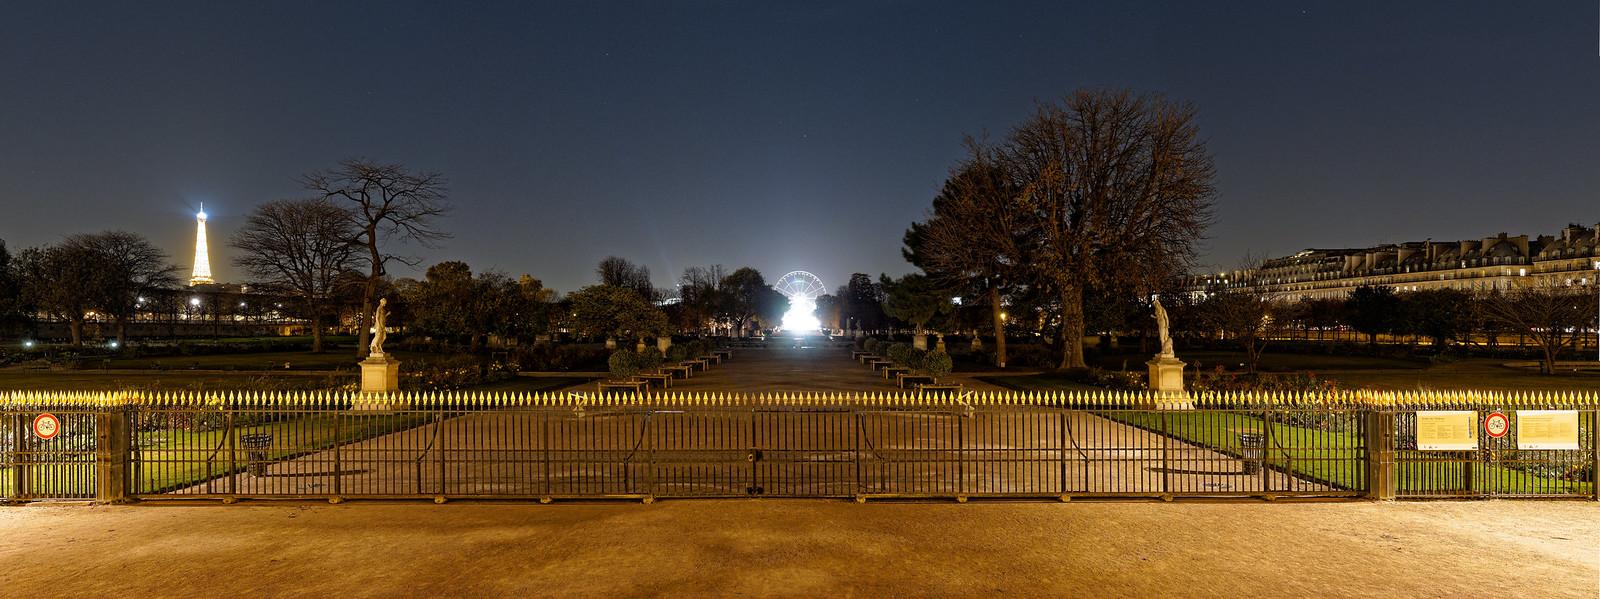 Vue sur le jardin des Tuileries / View on the Tuileries garden